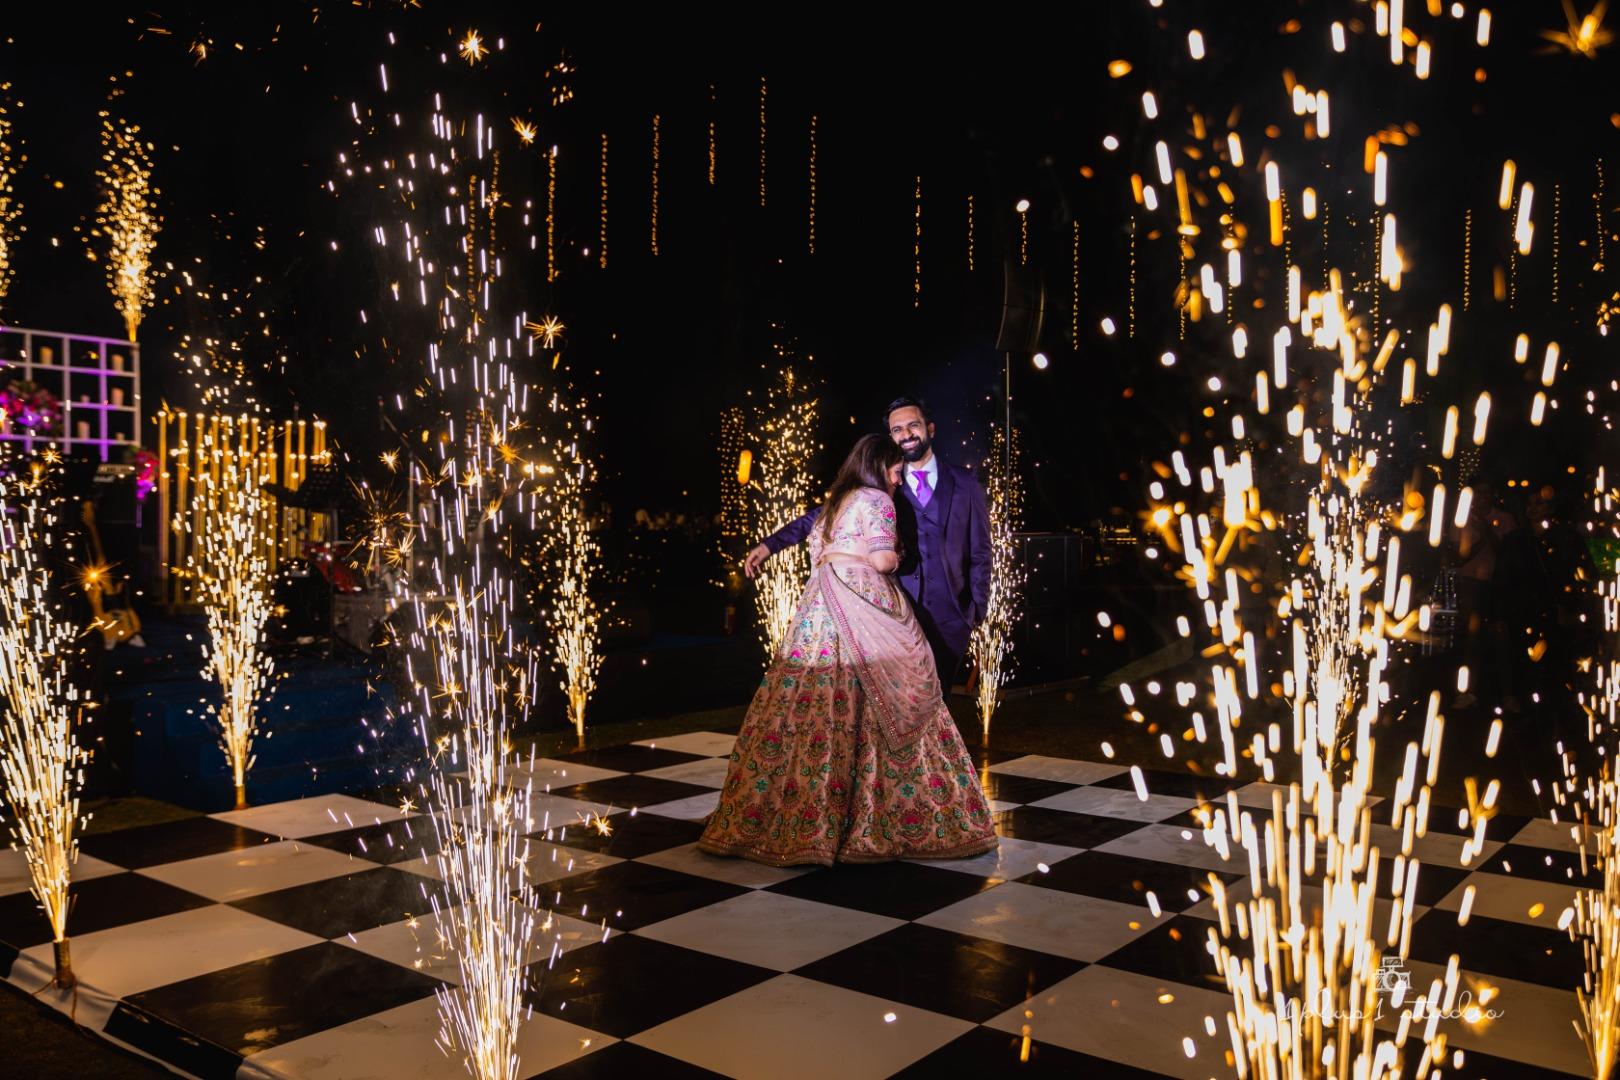 couple dancing in between fireworks